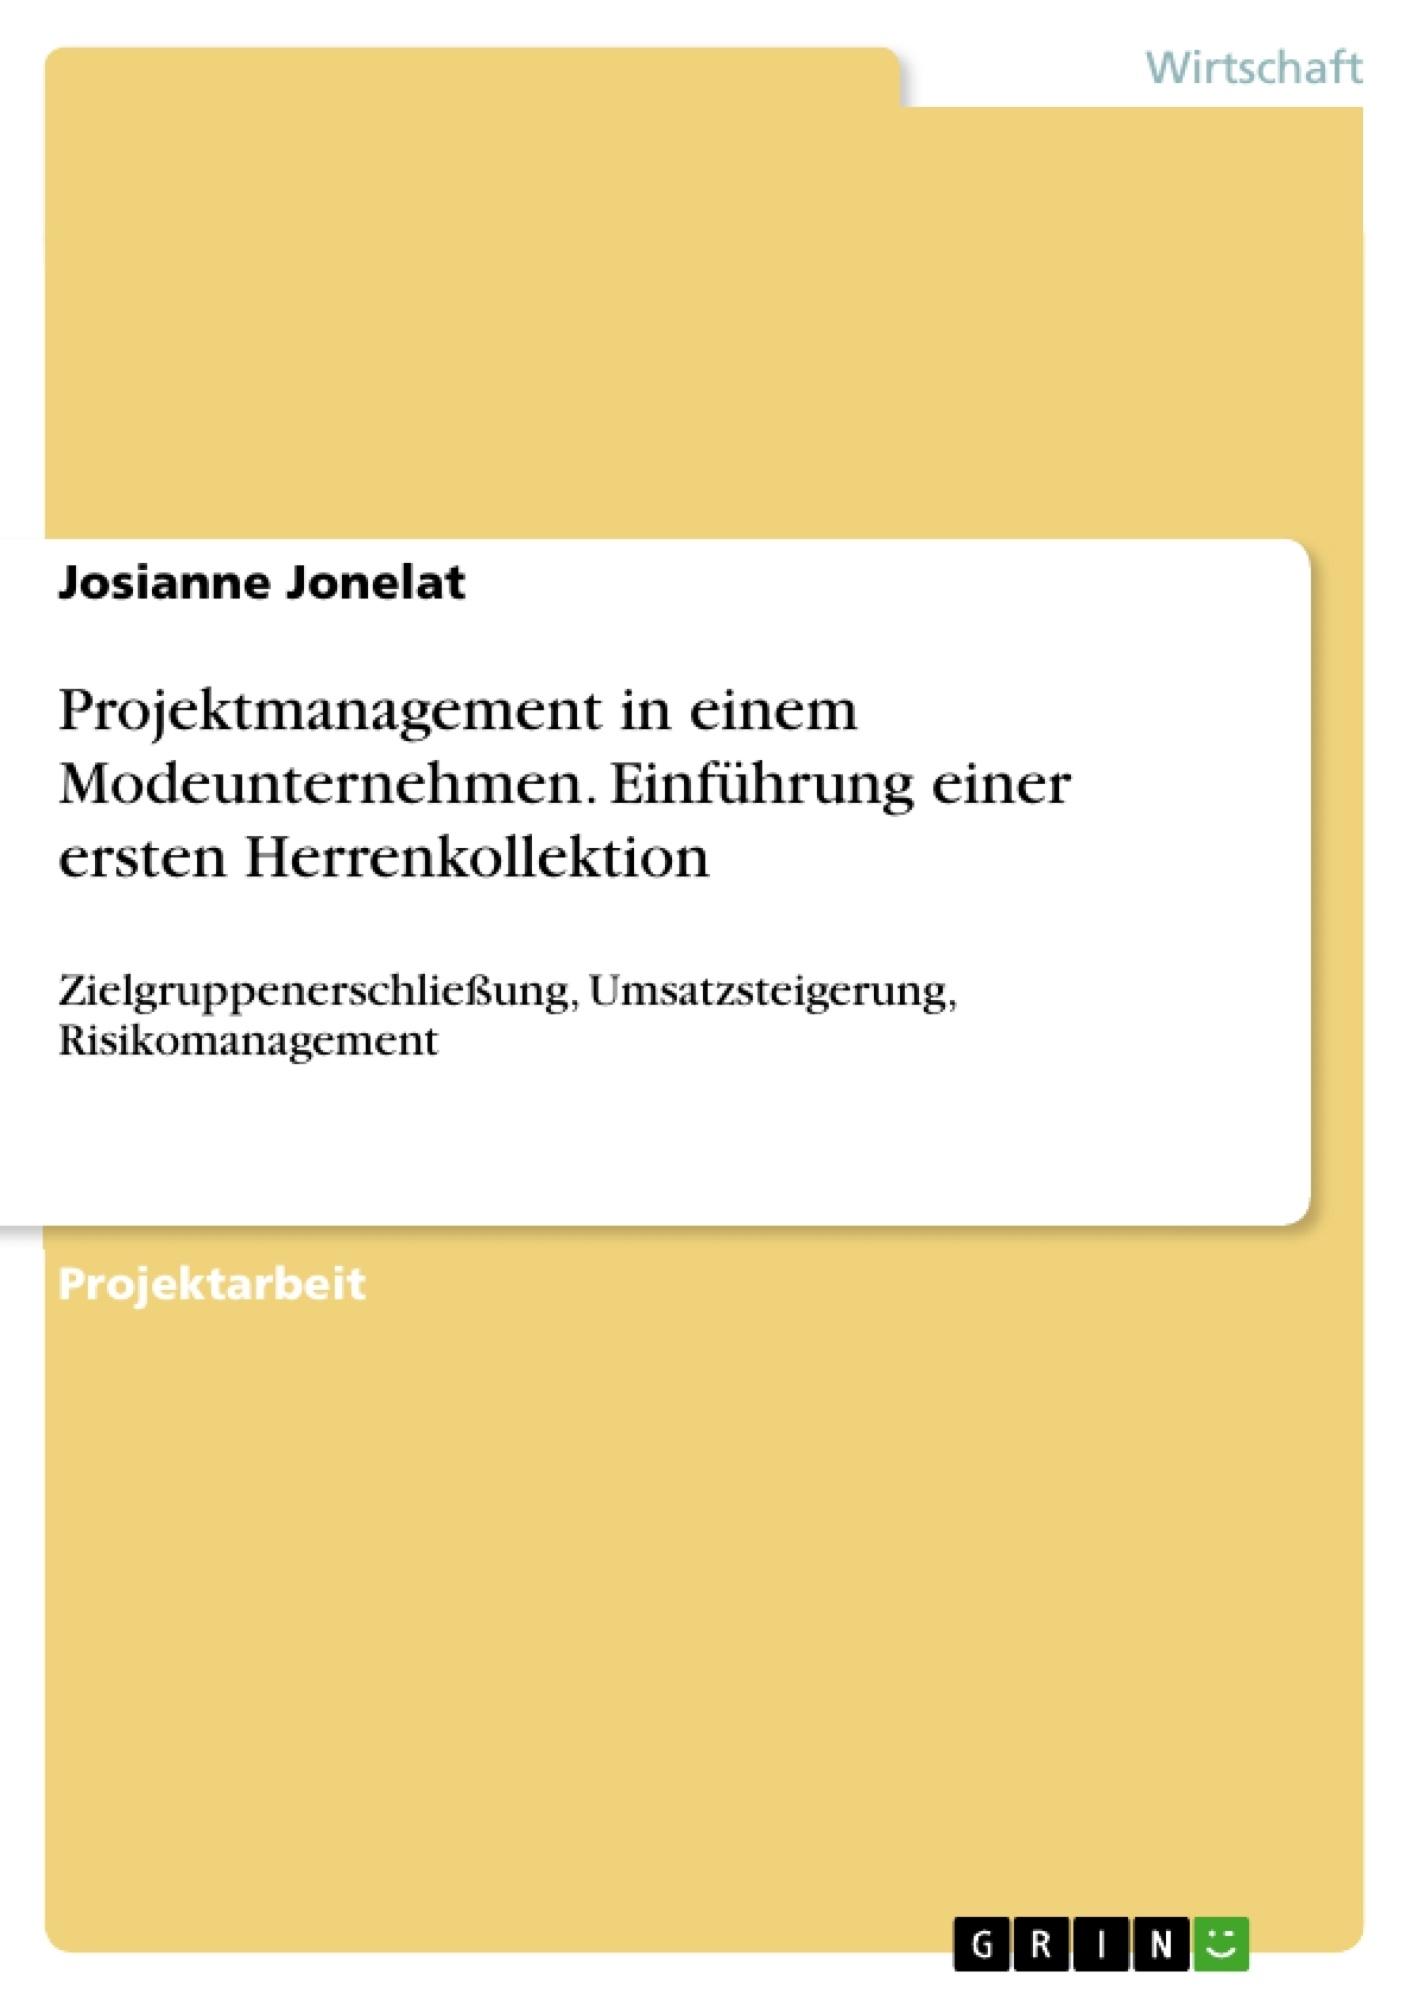 Titel: Projektmanagement in einem Modeunternehmen. Einführung einer ersten Herrenkollektion